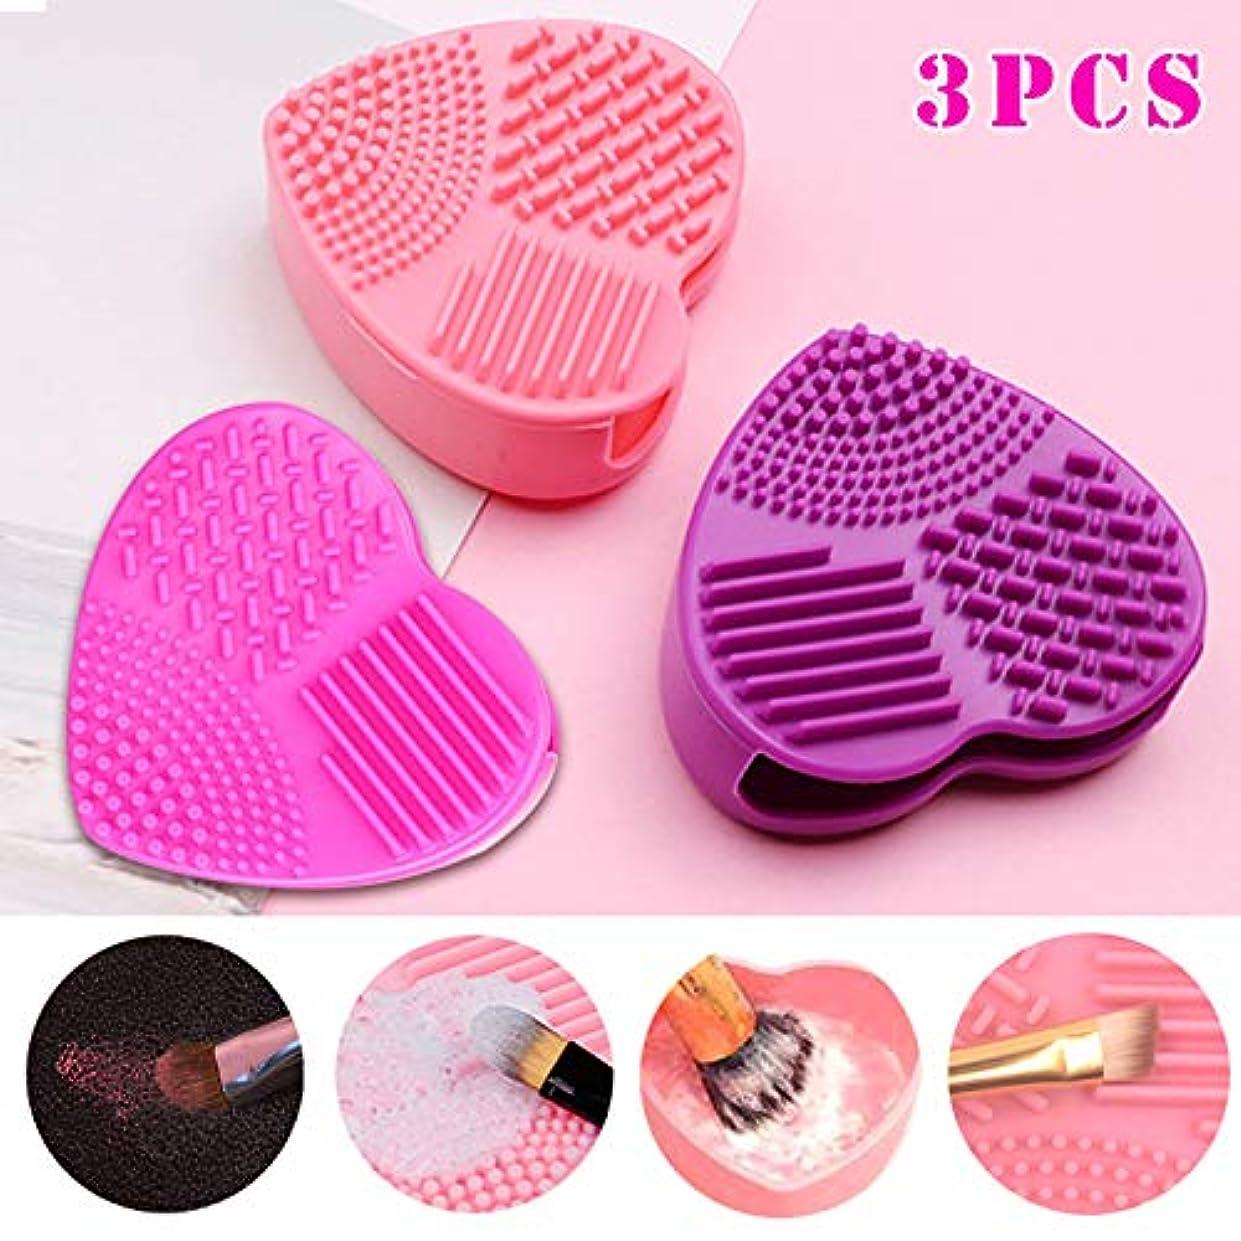 花弁踏みつけ疎外Symboat 3つのハート型の化粧ブラシのクリーニングパッド 洗浄ブラシ ピンクのハート形 化粧ブラシ用清掃パッド